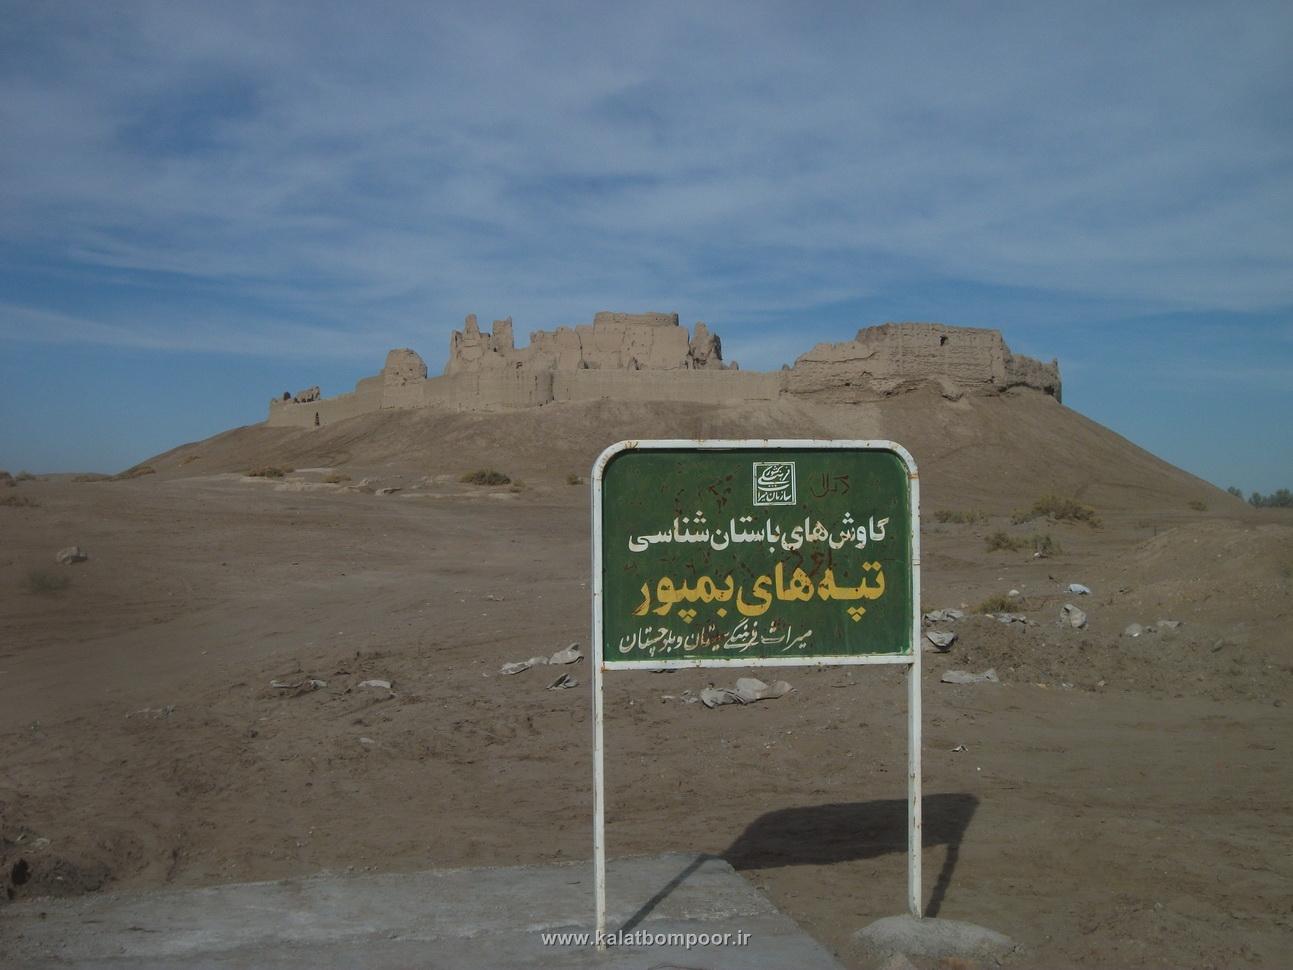 تصویر قلعه بمپور نماد تمدن دیرینه بلوچستان